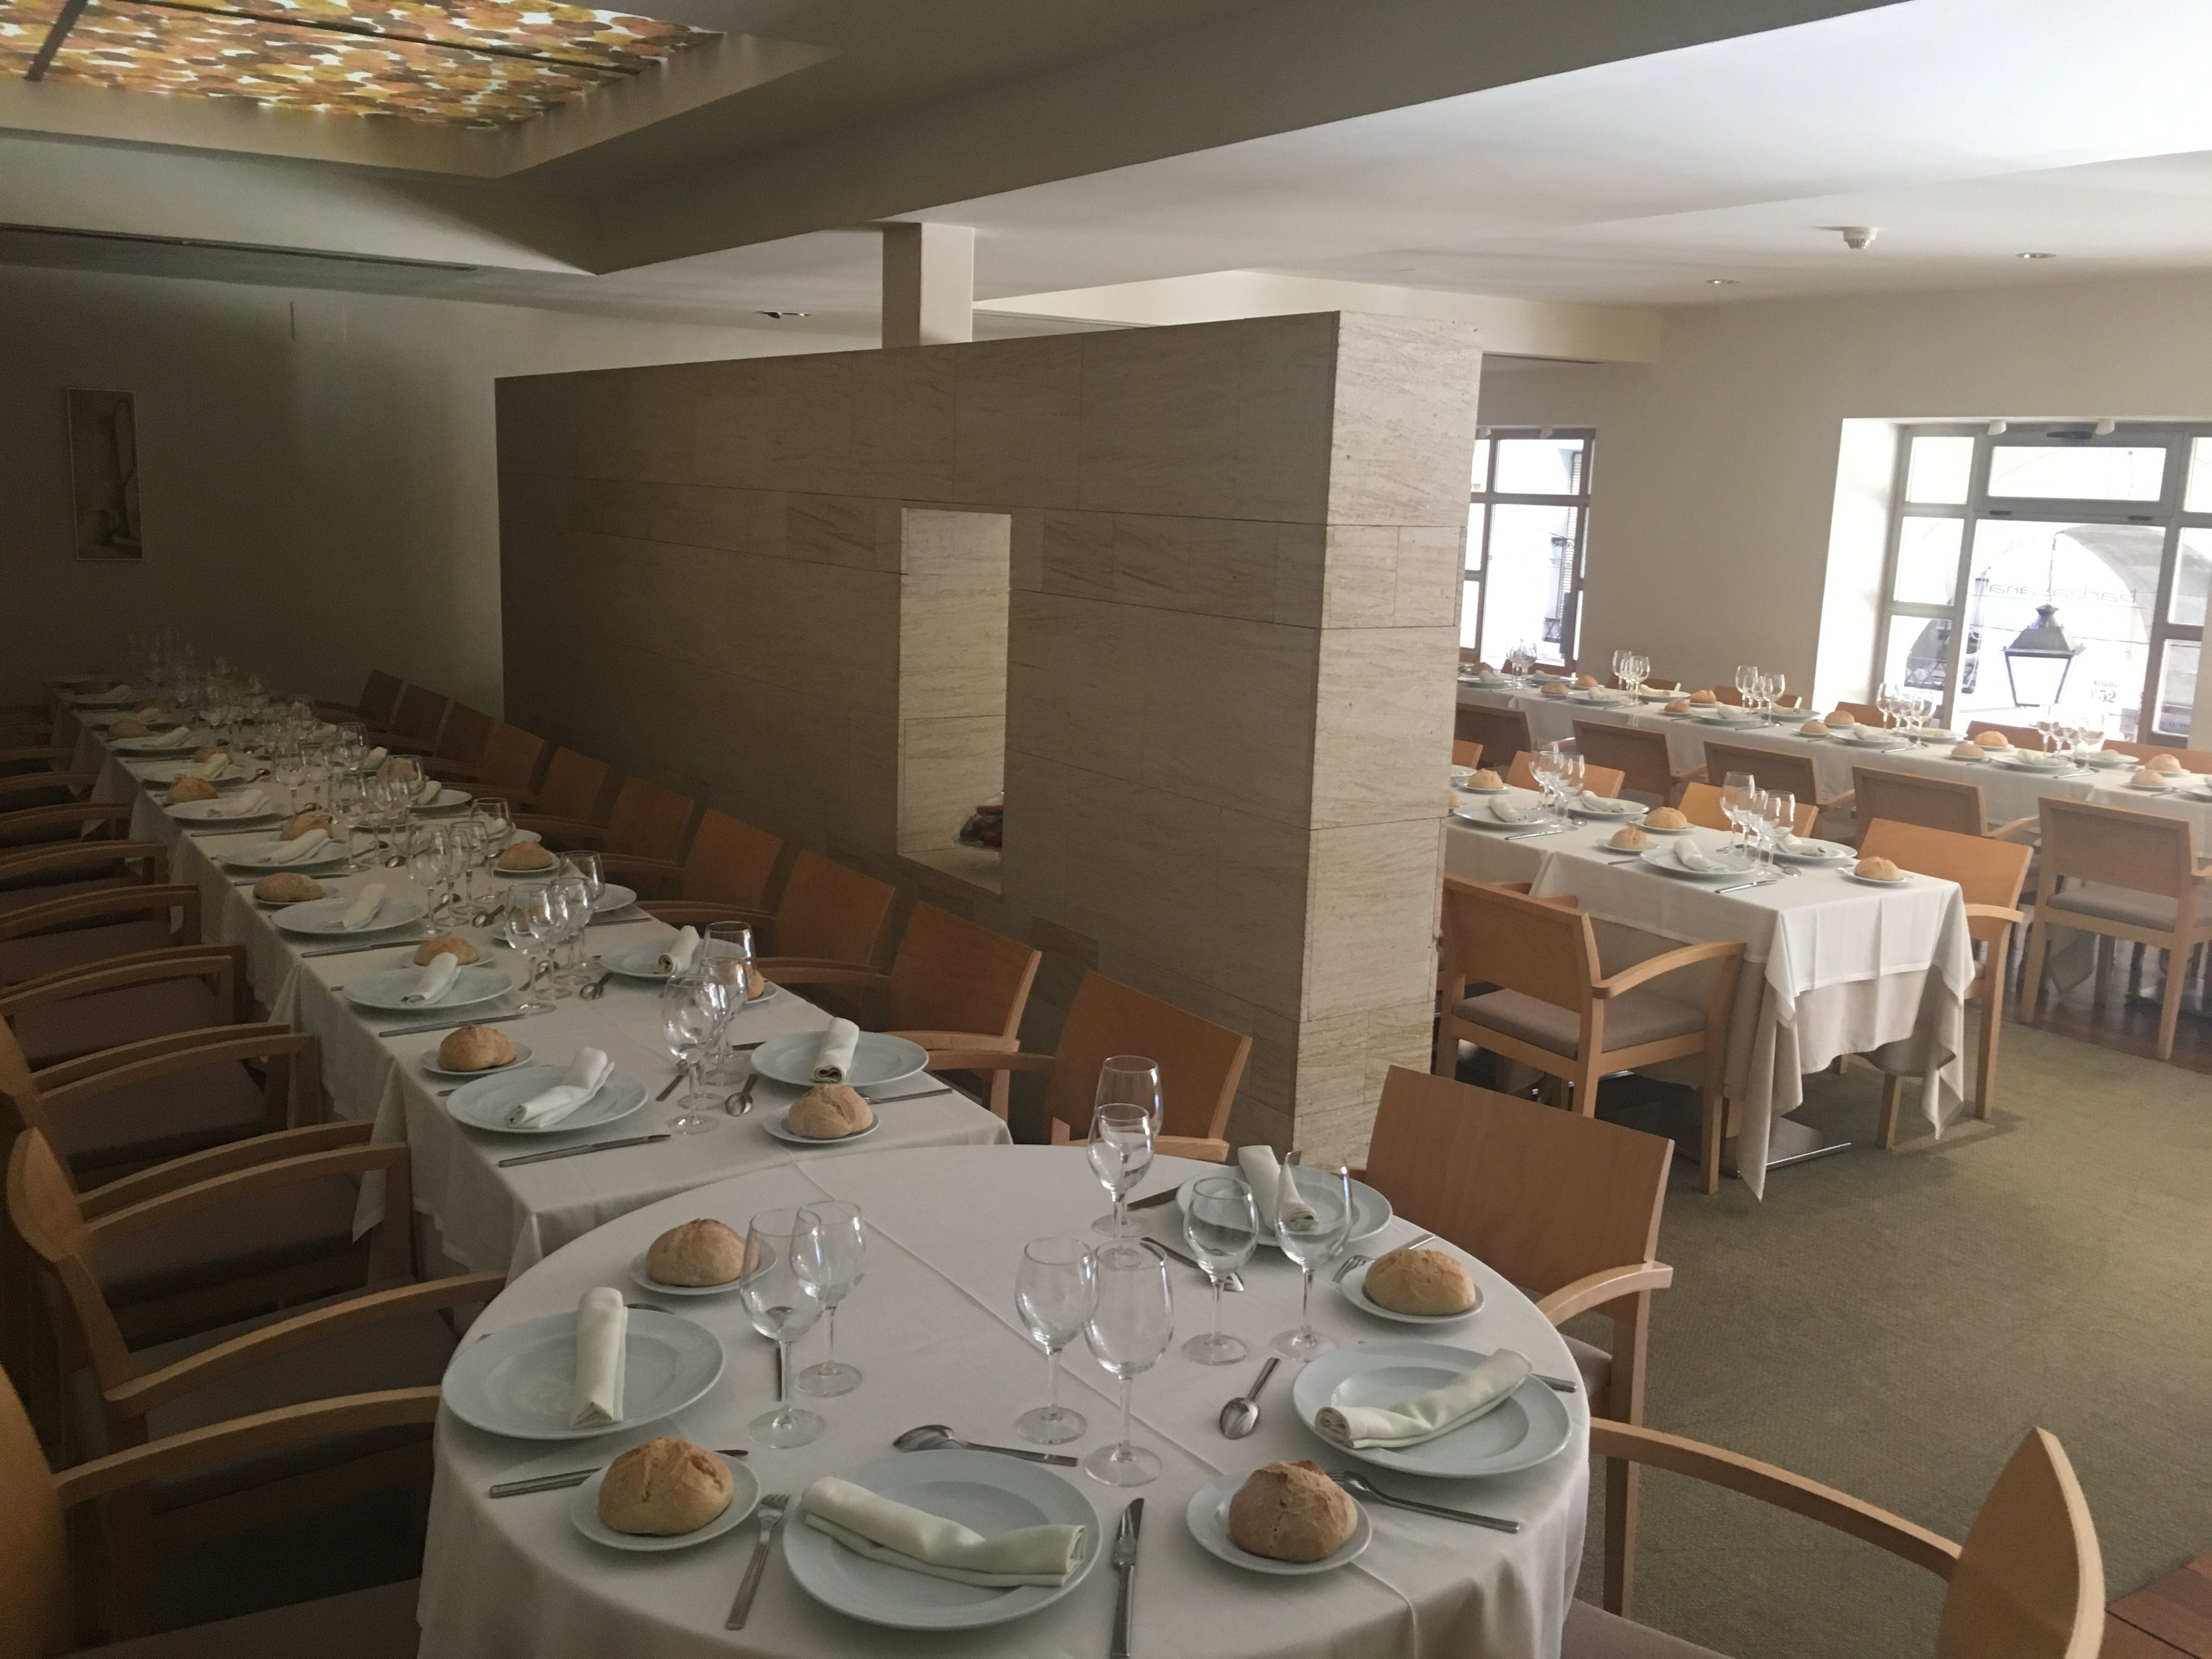 Foto 11 de Restaurante en  | Barbacana